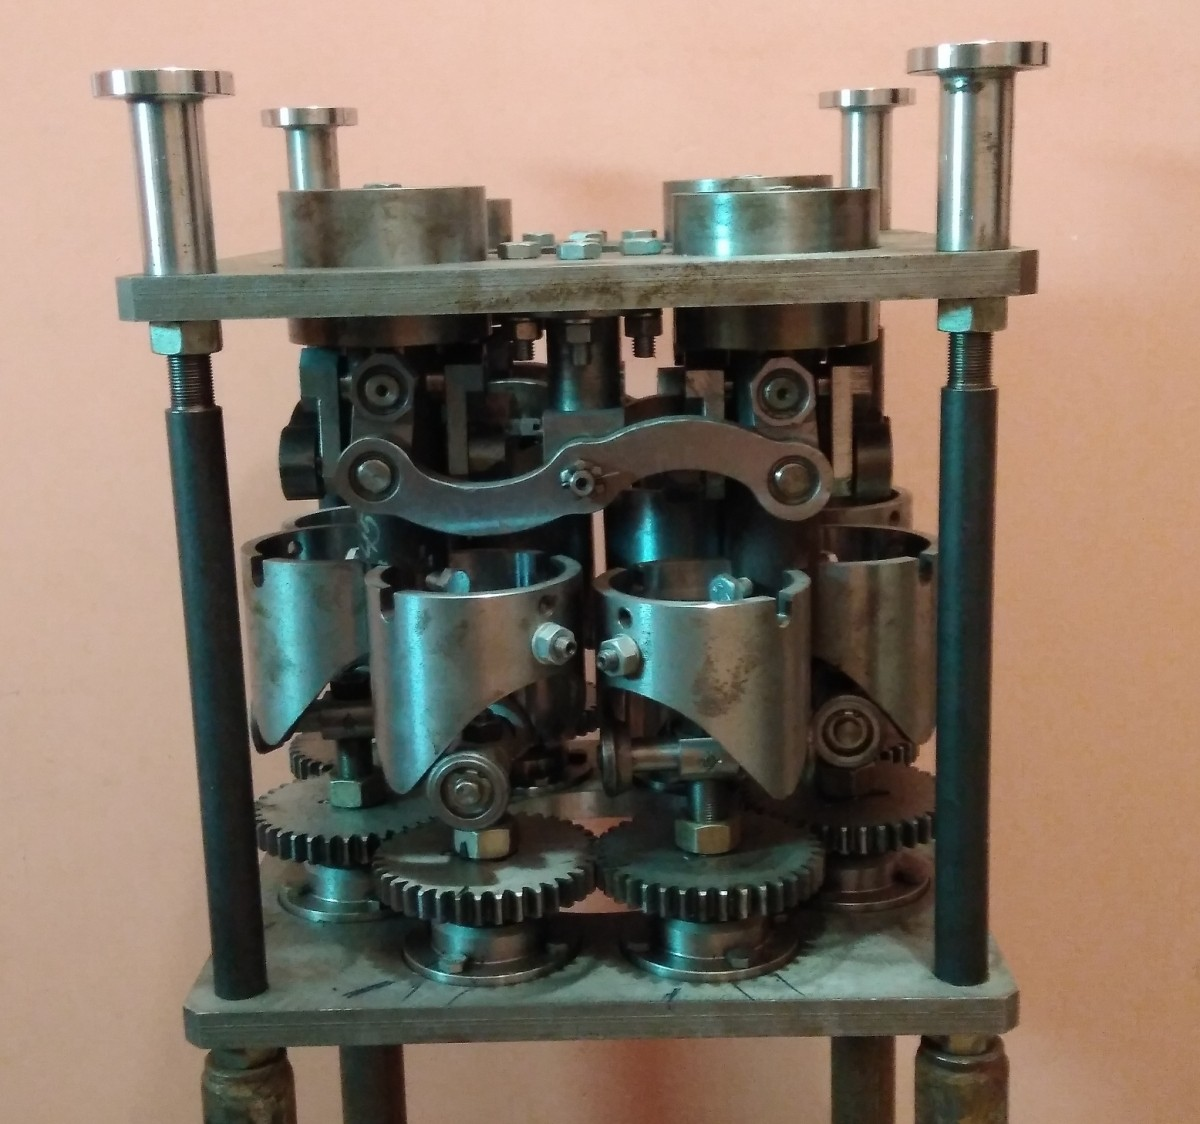 Мотор «Зеленый муравей»: уникальная разработка из России